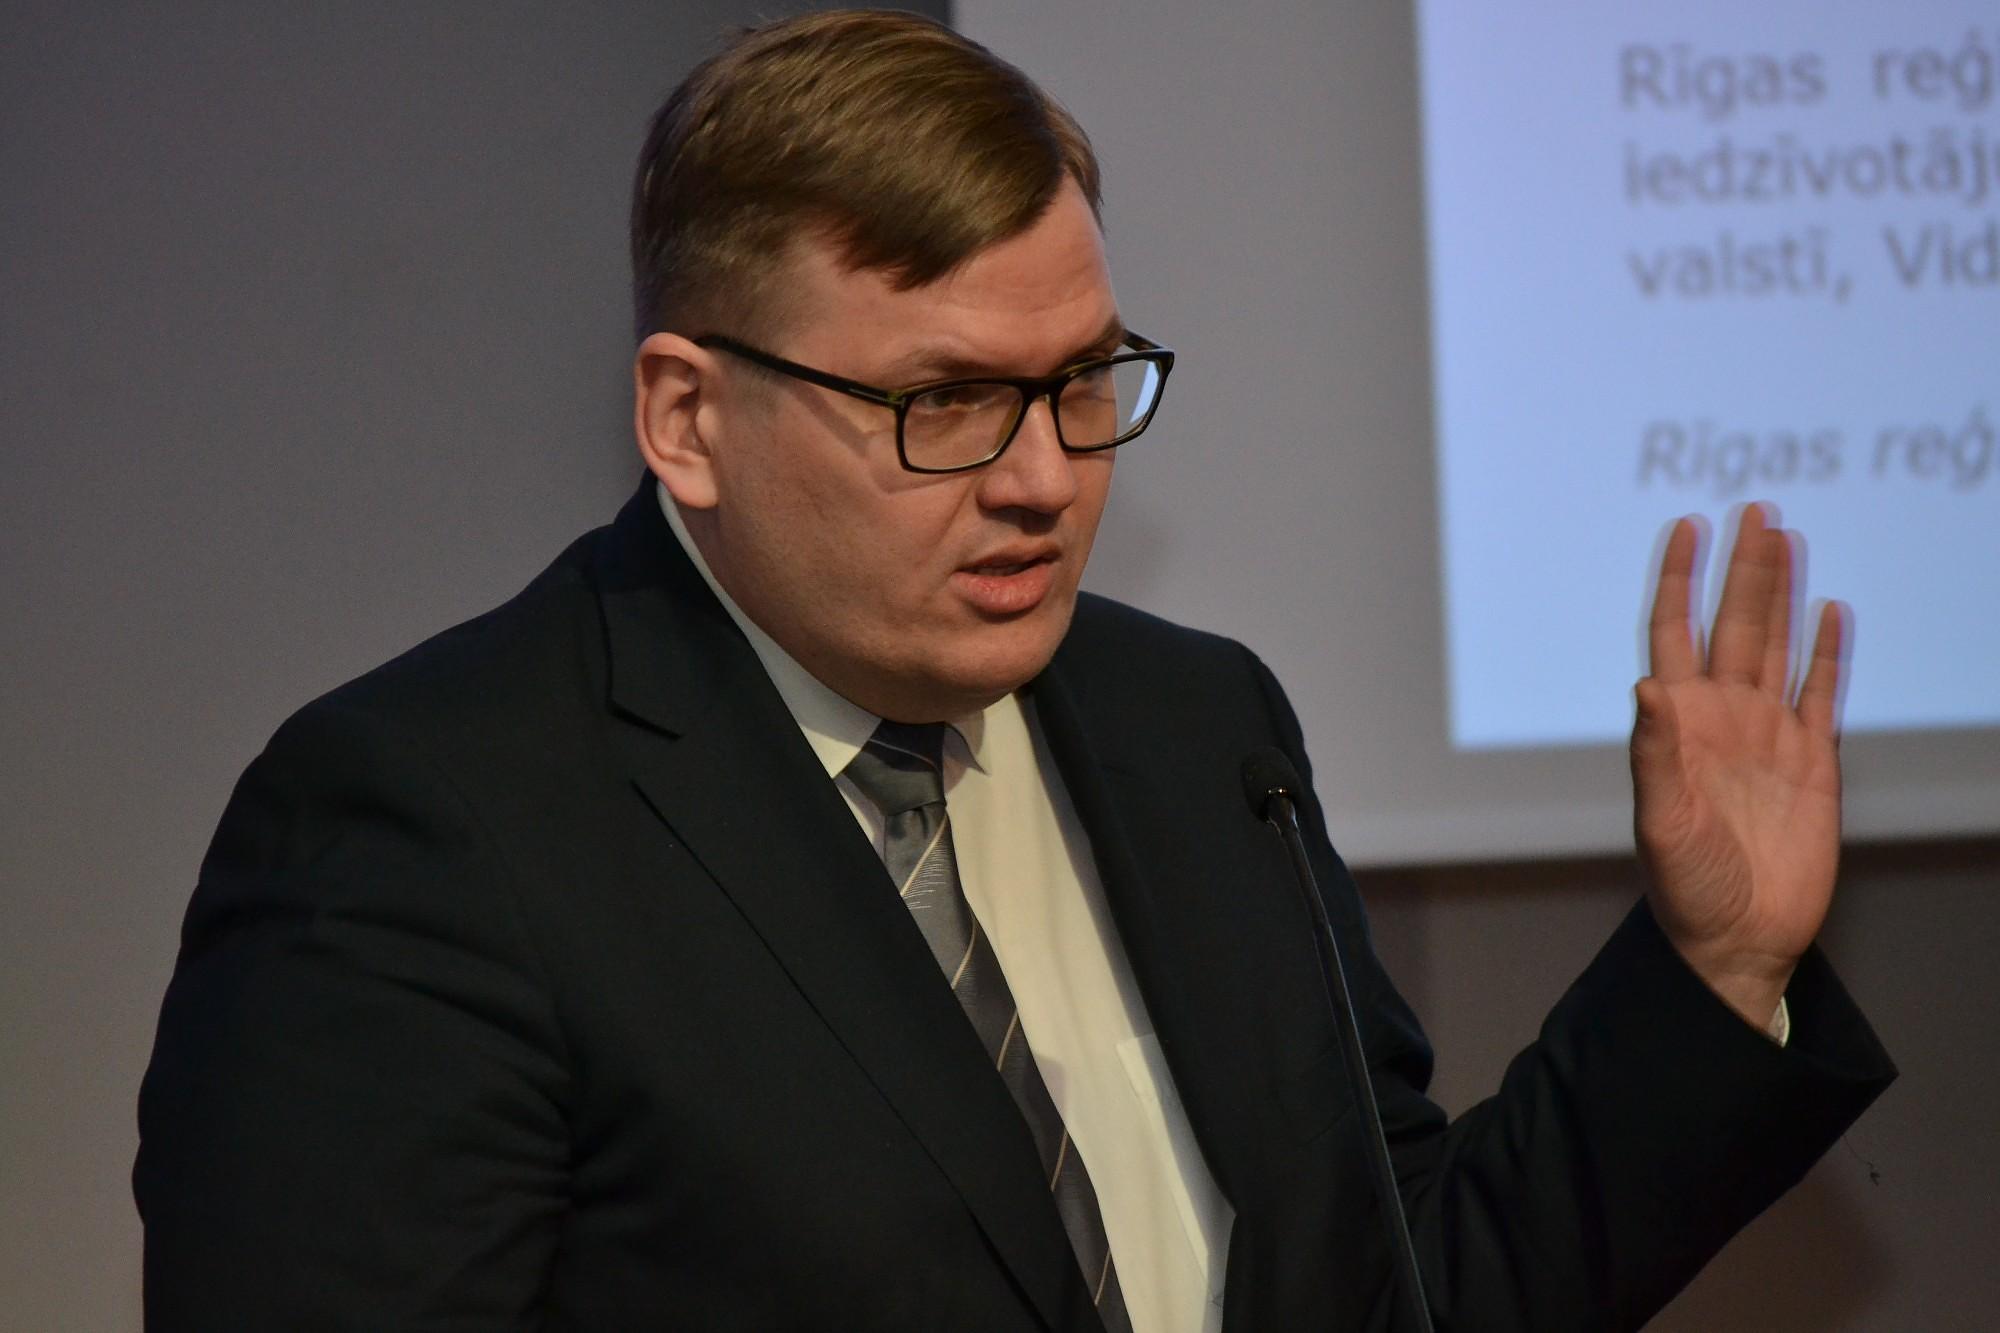 Министр внесет изменения в новую карту латвийских самоуправлений